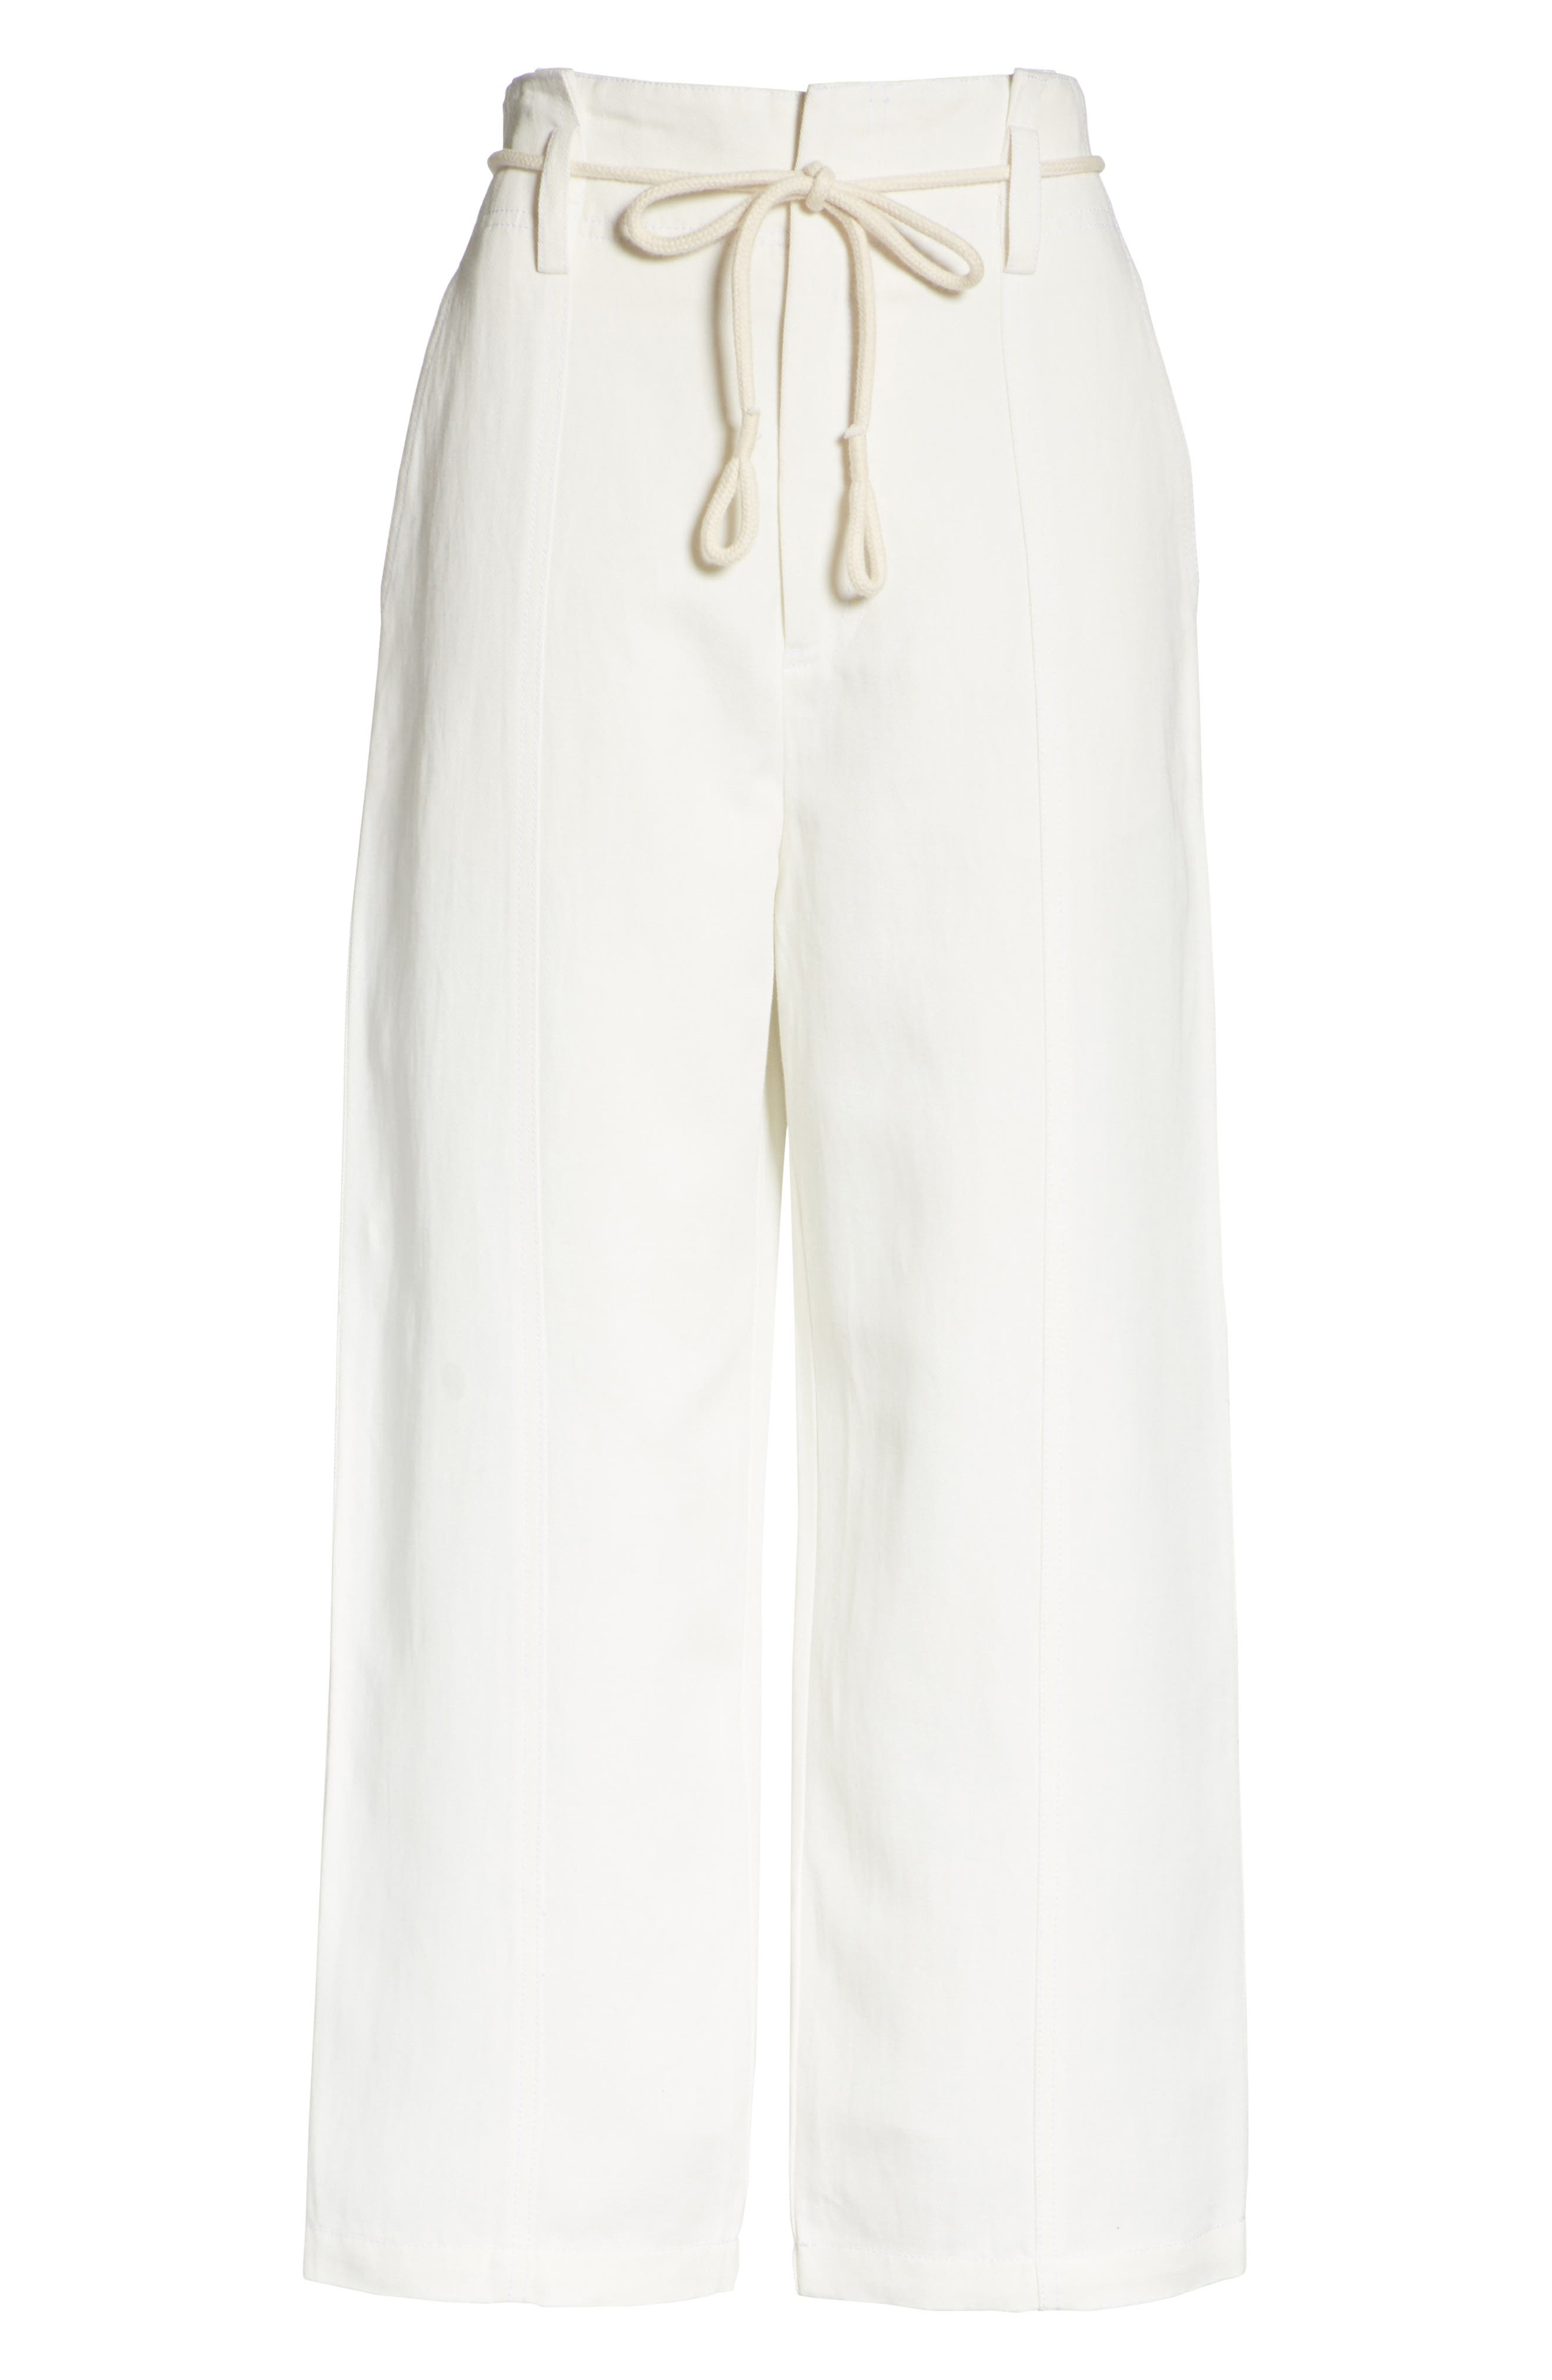 High Rise Linen Cotton Crop Pants,                             Alternate thumbnail 6, color,                             Off White